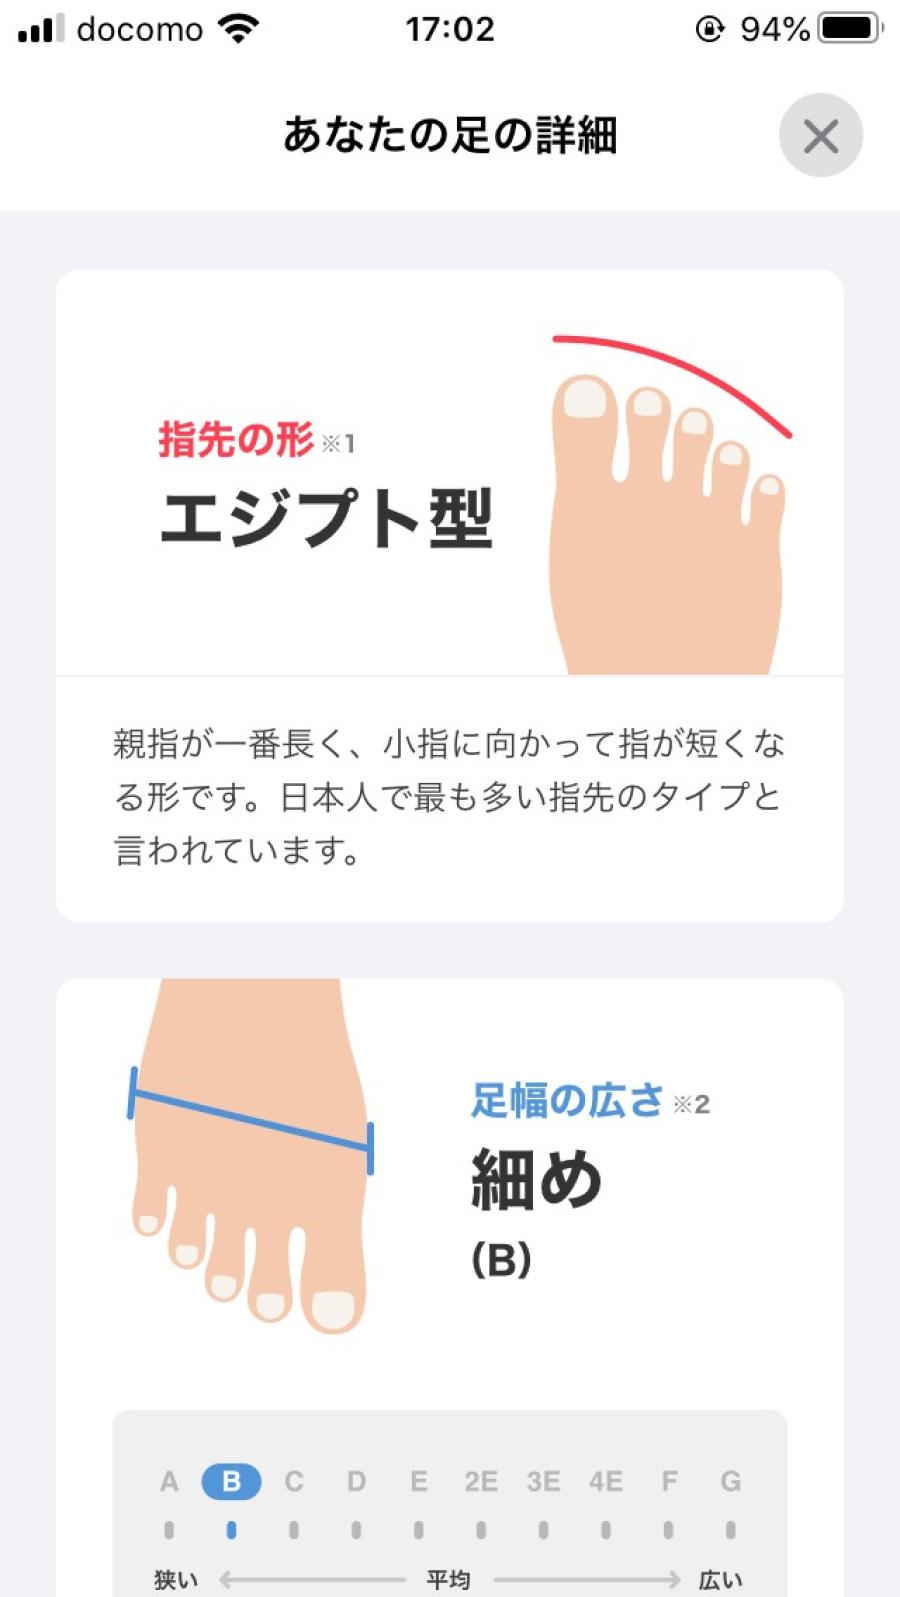 話題の『ZOZOMAT』 VS 『荒井弘史』 靴作りのプロとハイテクの対決!_f0283816_17081972.png